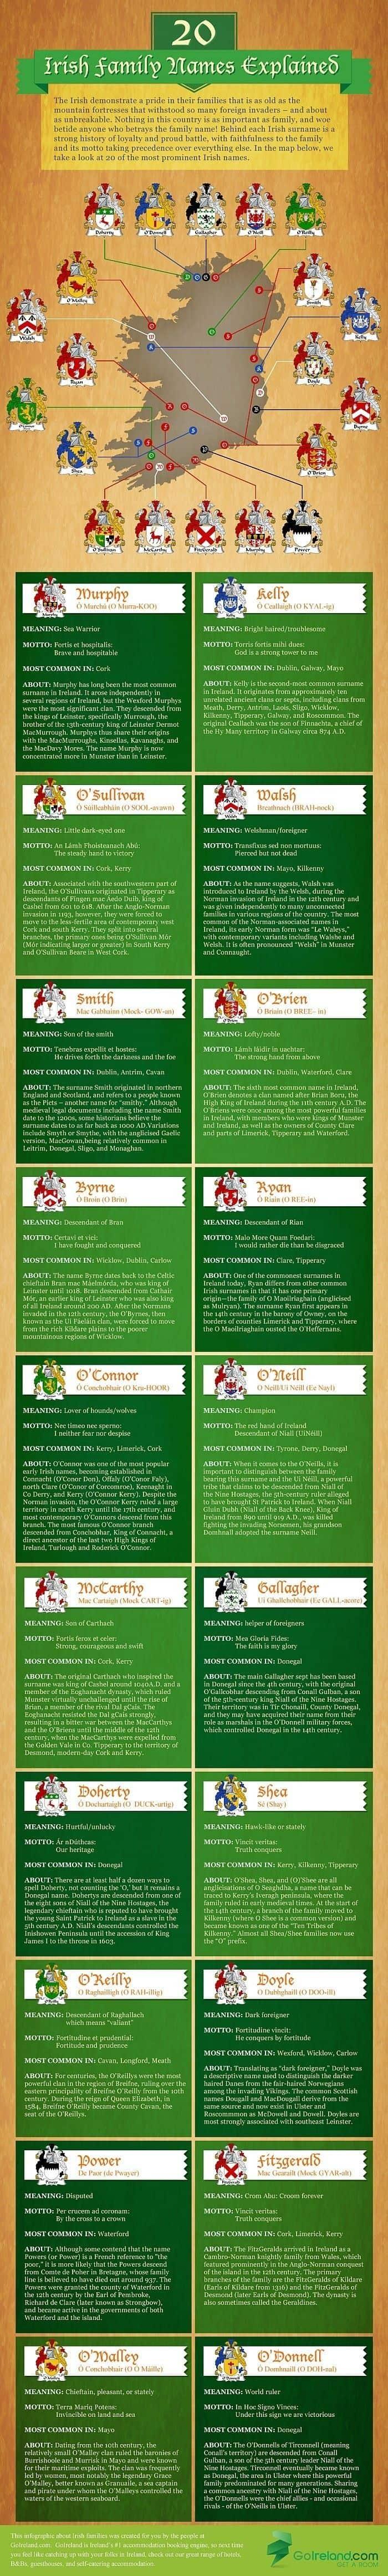 Irish Surnames Explained